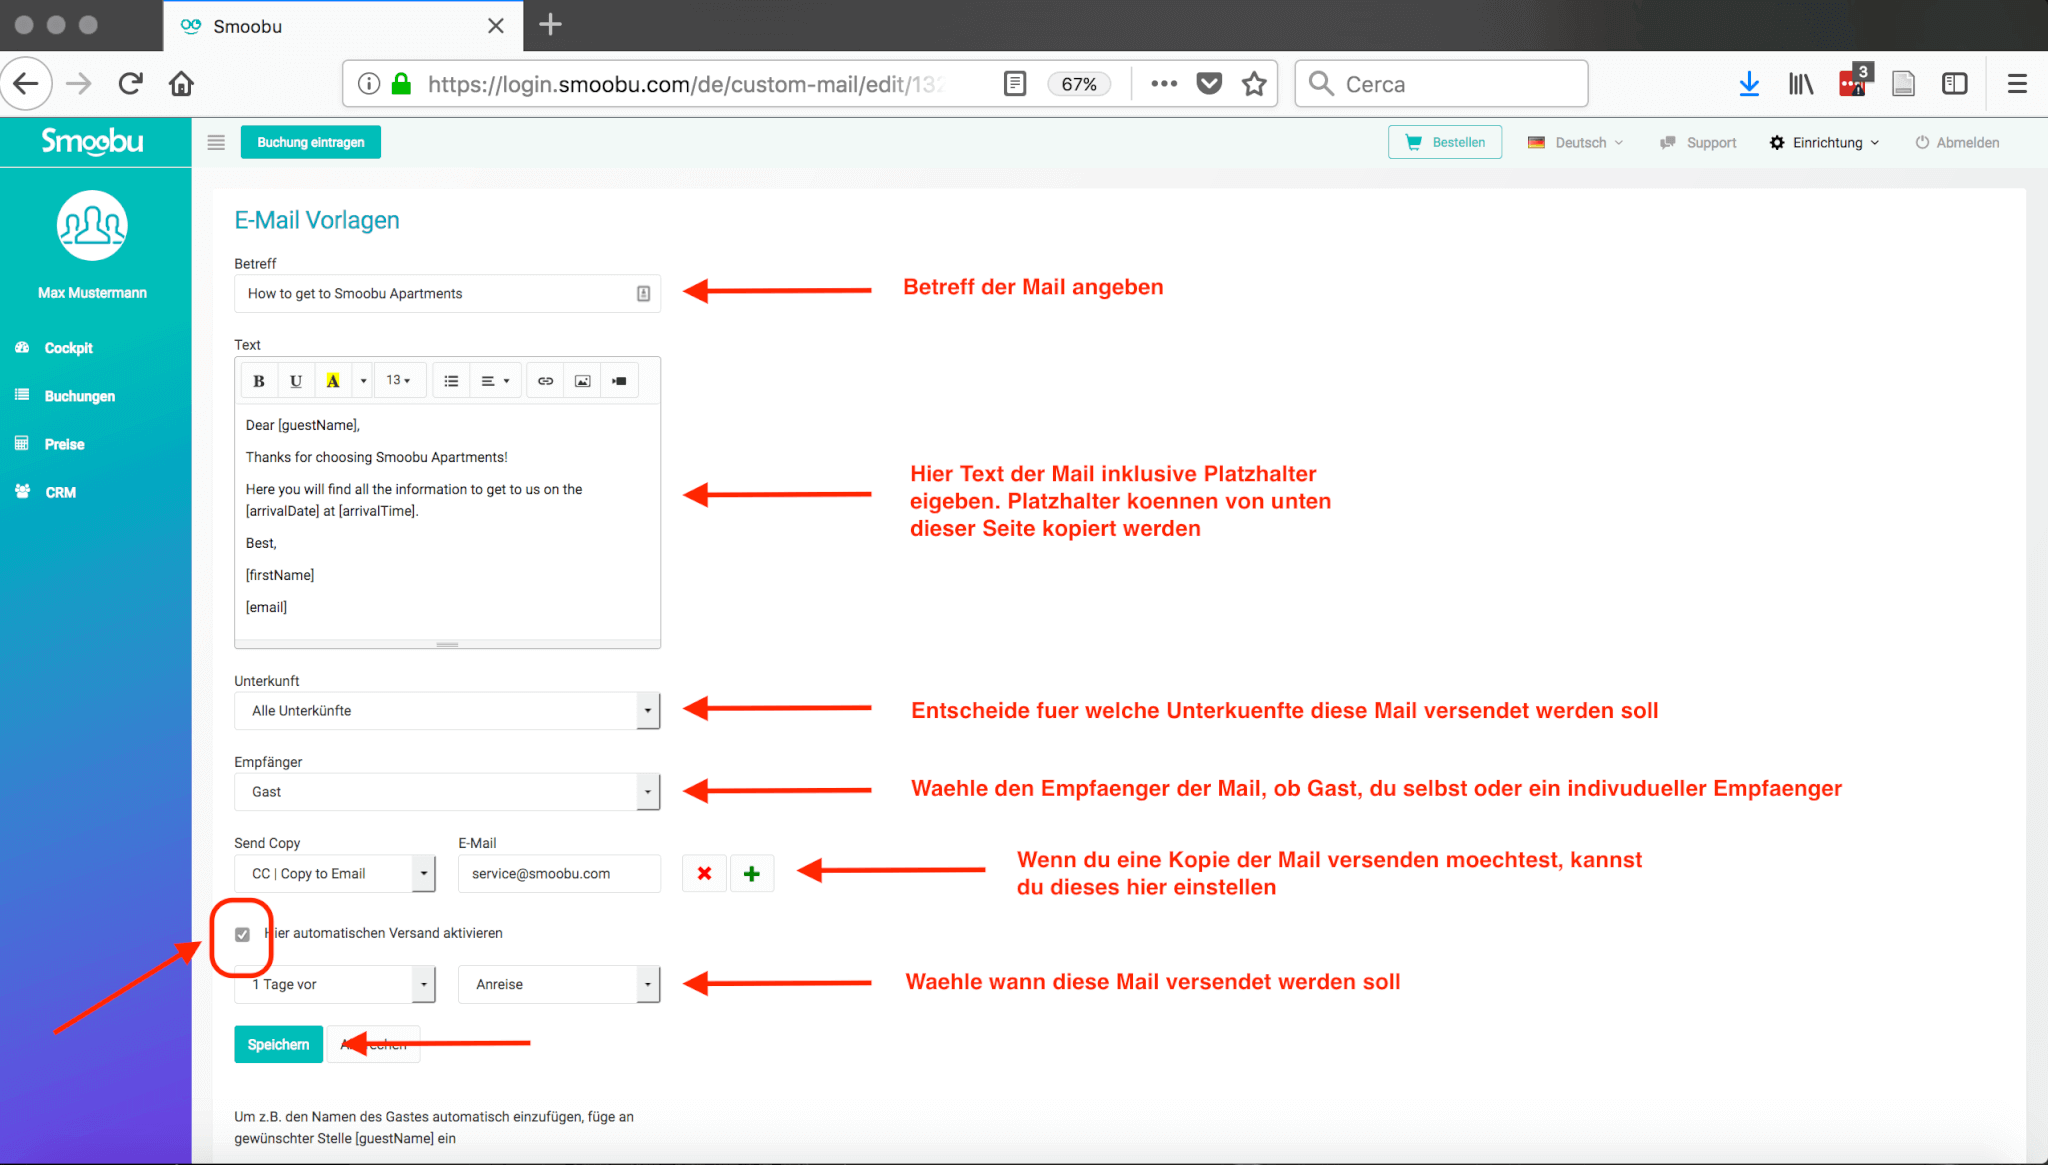 ᐅ USER GUIDE: Mailvorlagen für verschiedene Ereignisse erstellen